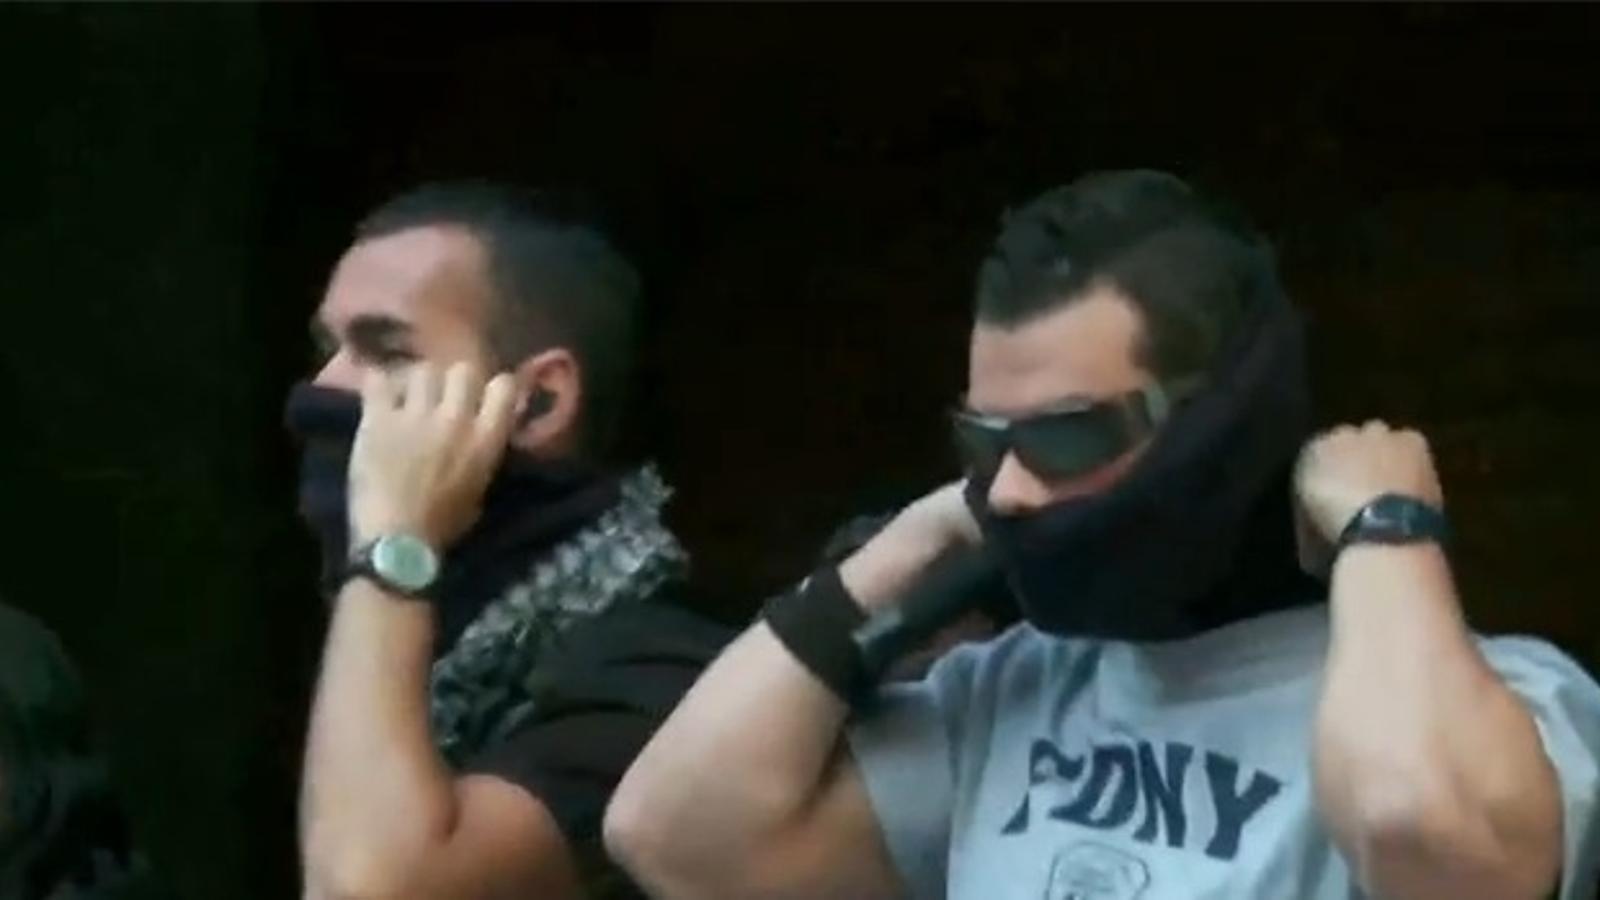 Un vídeo insinua que hi havia mossos infiltrats provocant aldarulls entre els indignats